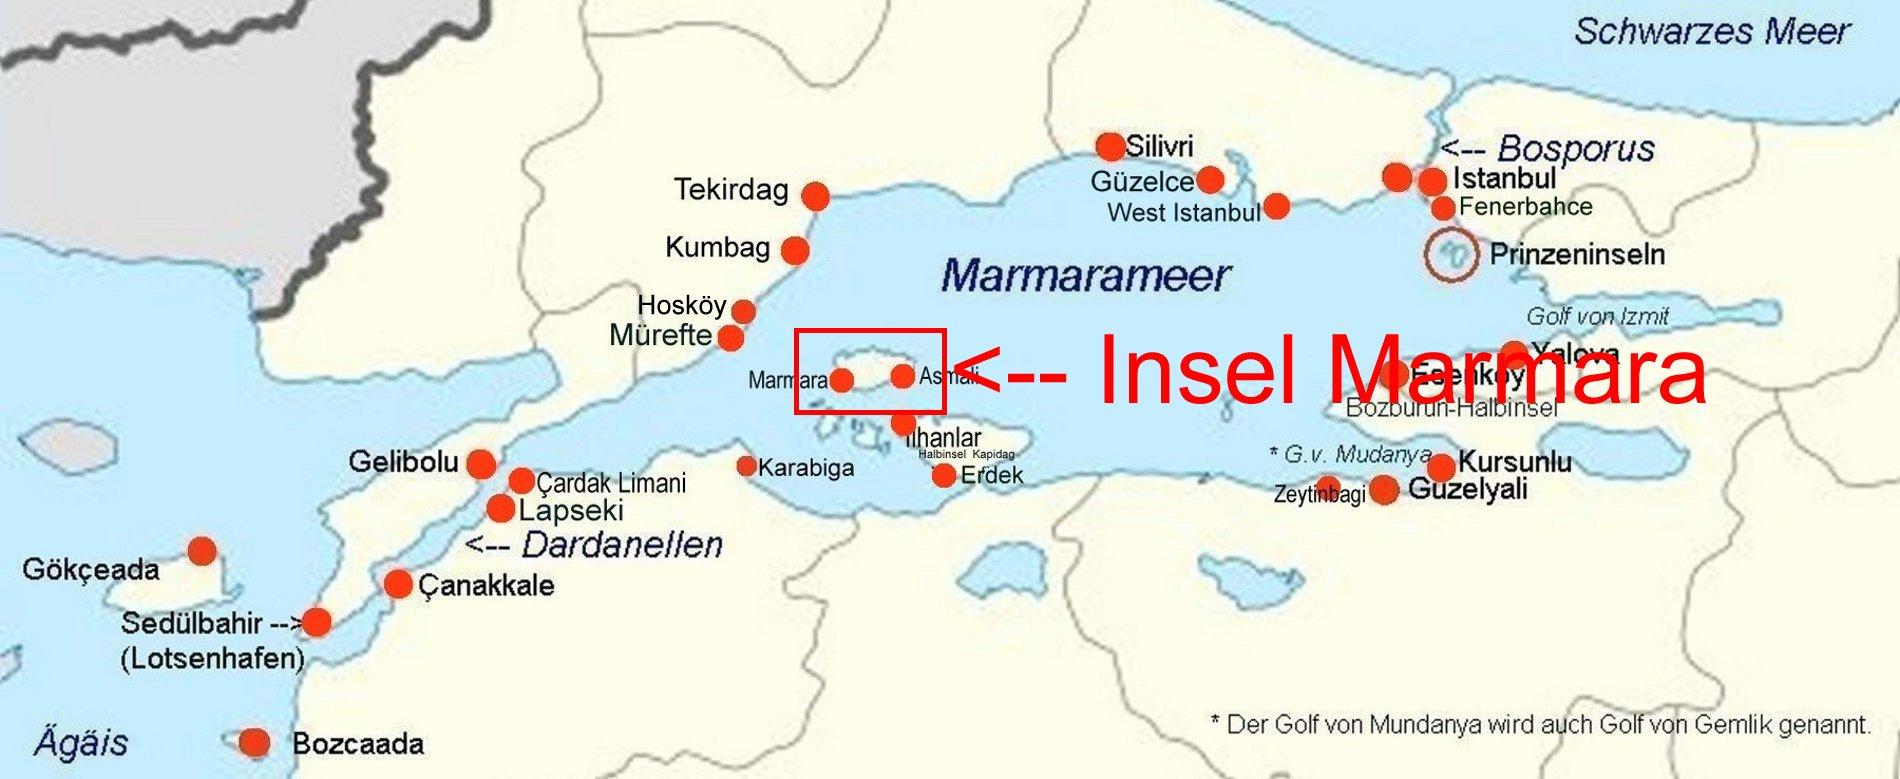 Türkei Insel